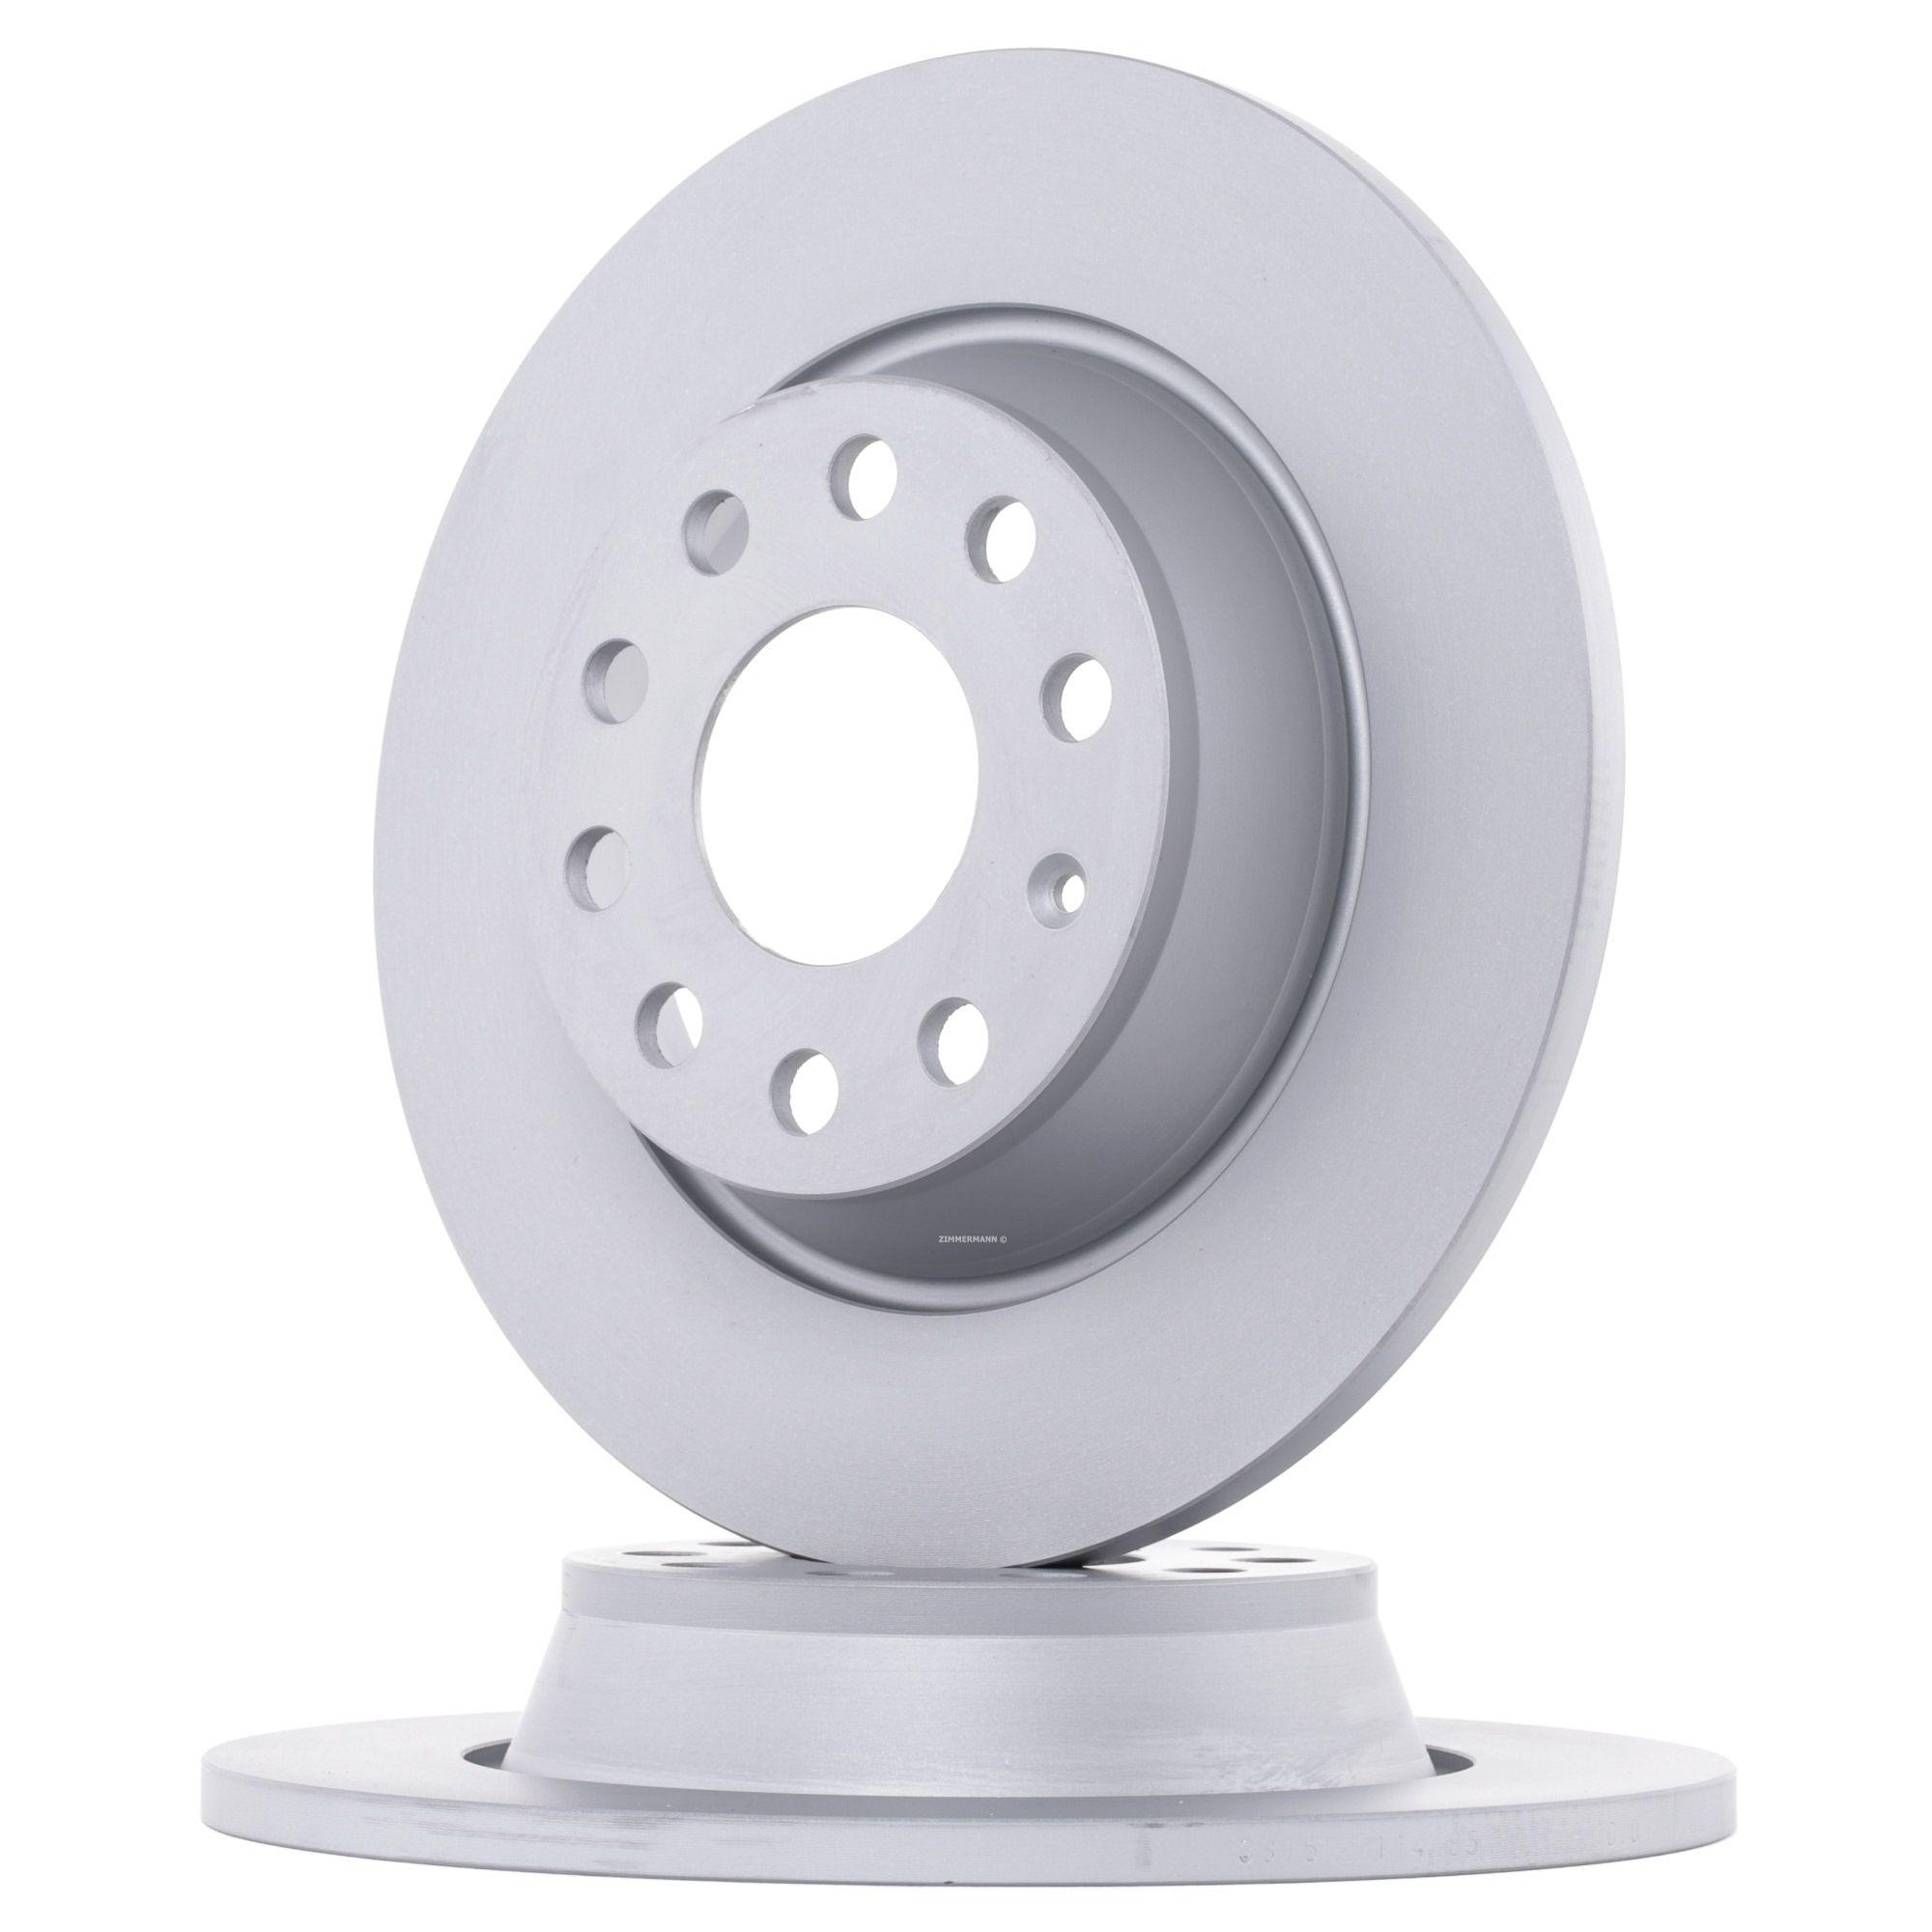 ZIMMERMANN Disc Brakes VW,AUDI,SKODA 100.3315.20 1K0615601AD,5Q0615601G,1K0615601AD Brake Rotors,Brake Discs,Disk Brakes,Brake Disc 5Q0615601G